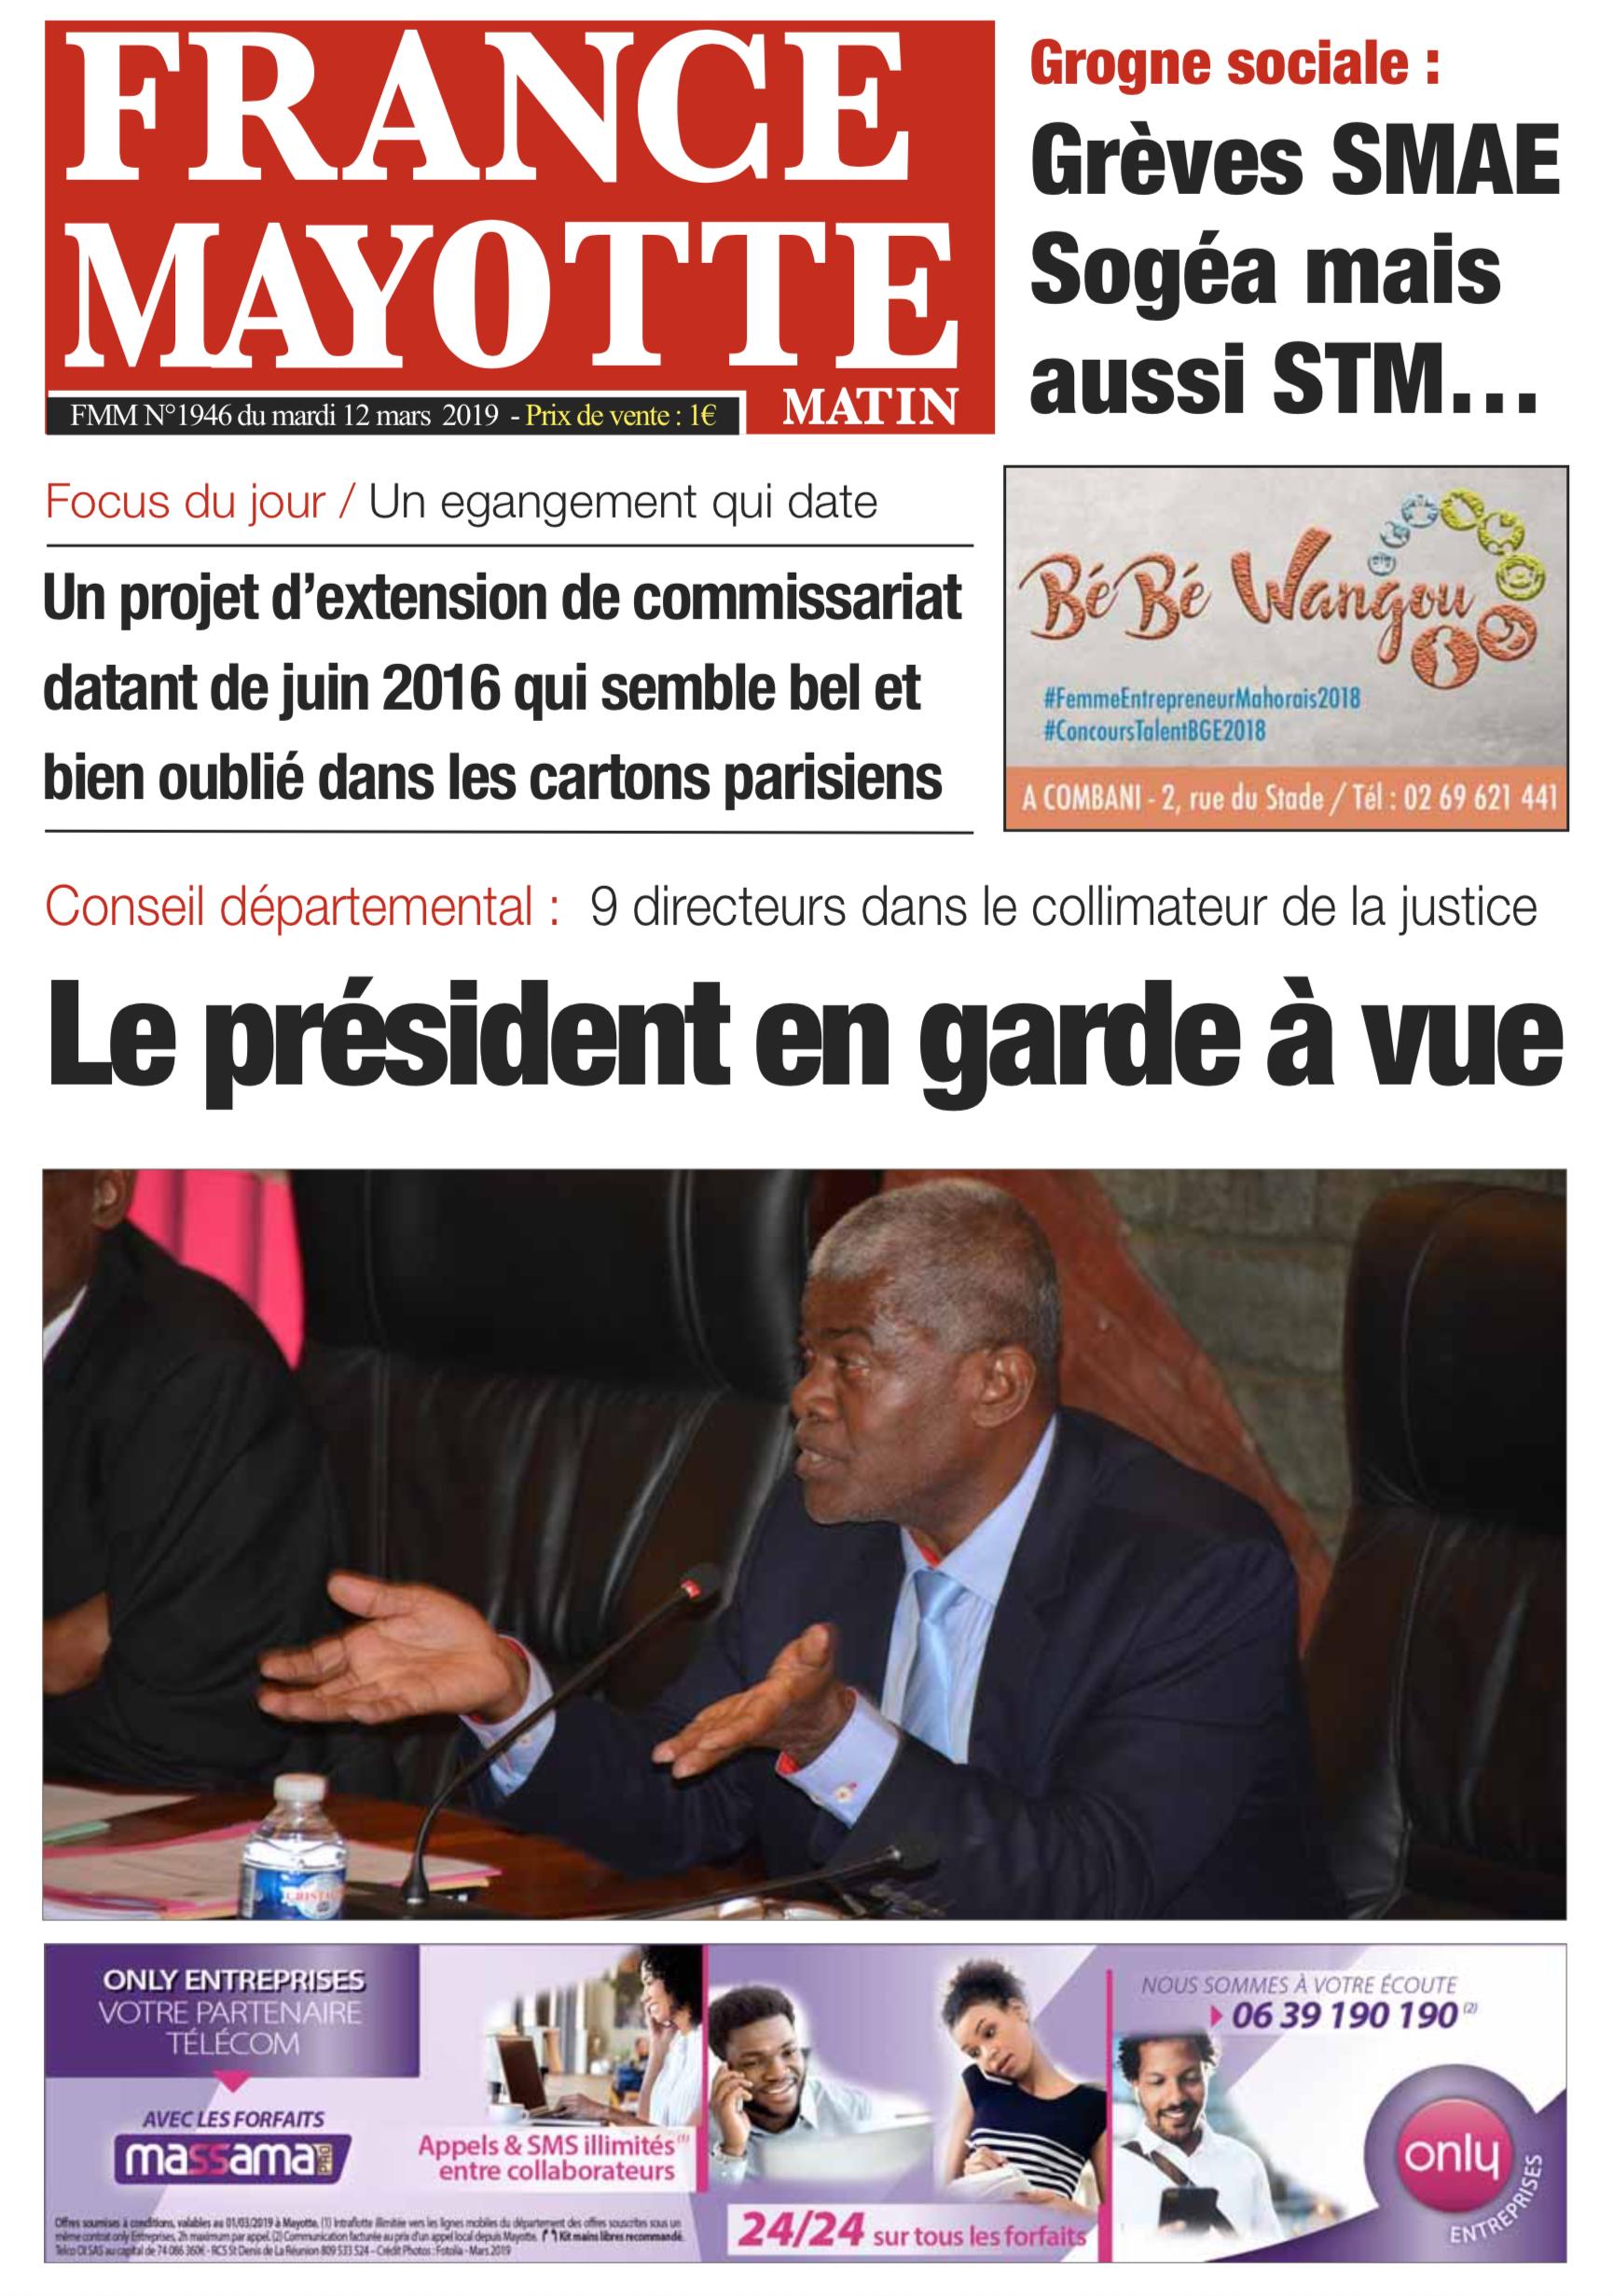 France Mayotte Mardi 12 mars 2019